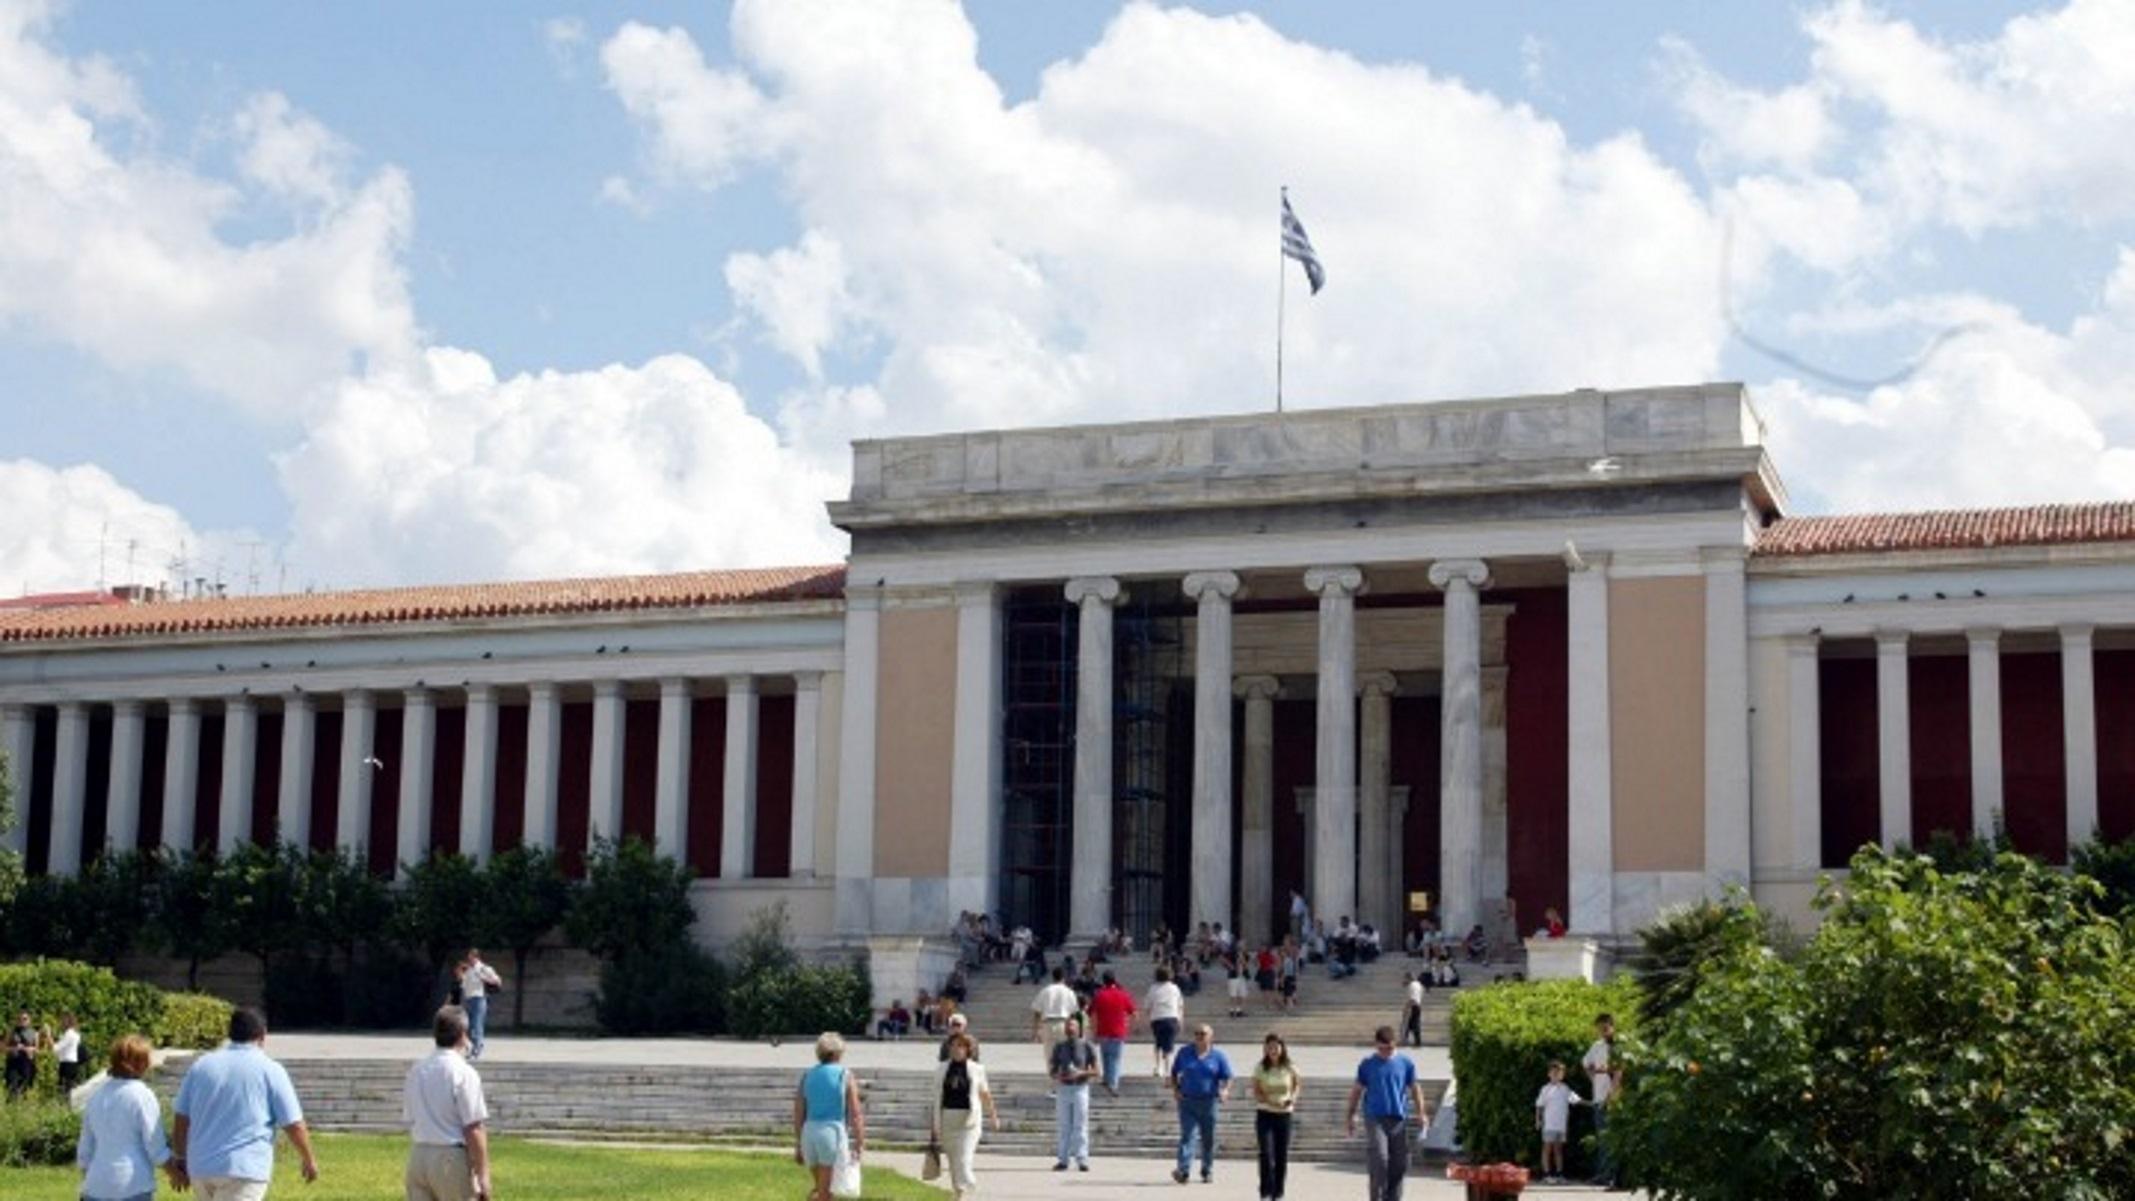 Πέθανε η Έβη Τουλούπα, κορυφαία Ελληνίδα αρχαιολόγος – Συλλυπητήριο μήνυμα Λίνας Μενδώνη